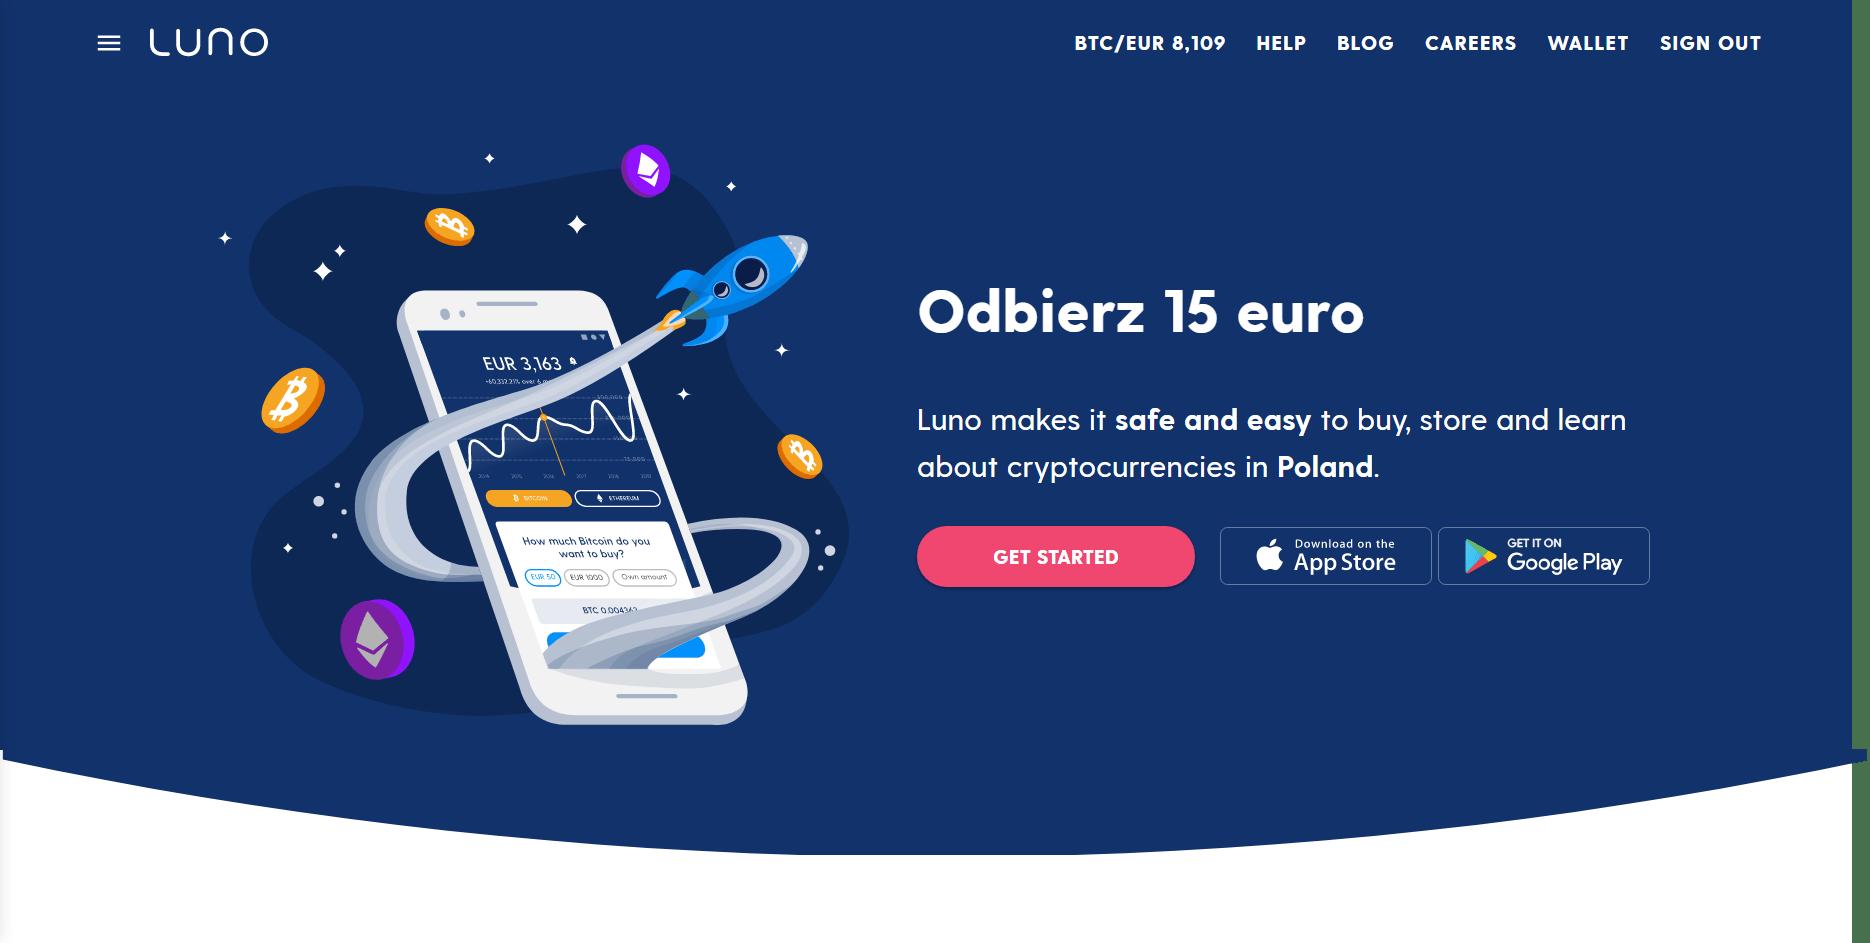 Luno odbierz 15 euro zdjęcie główne